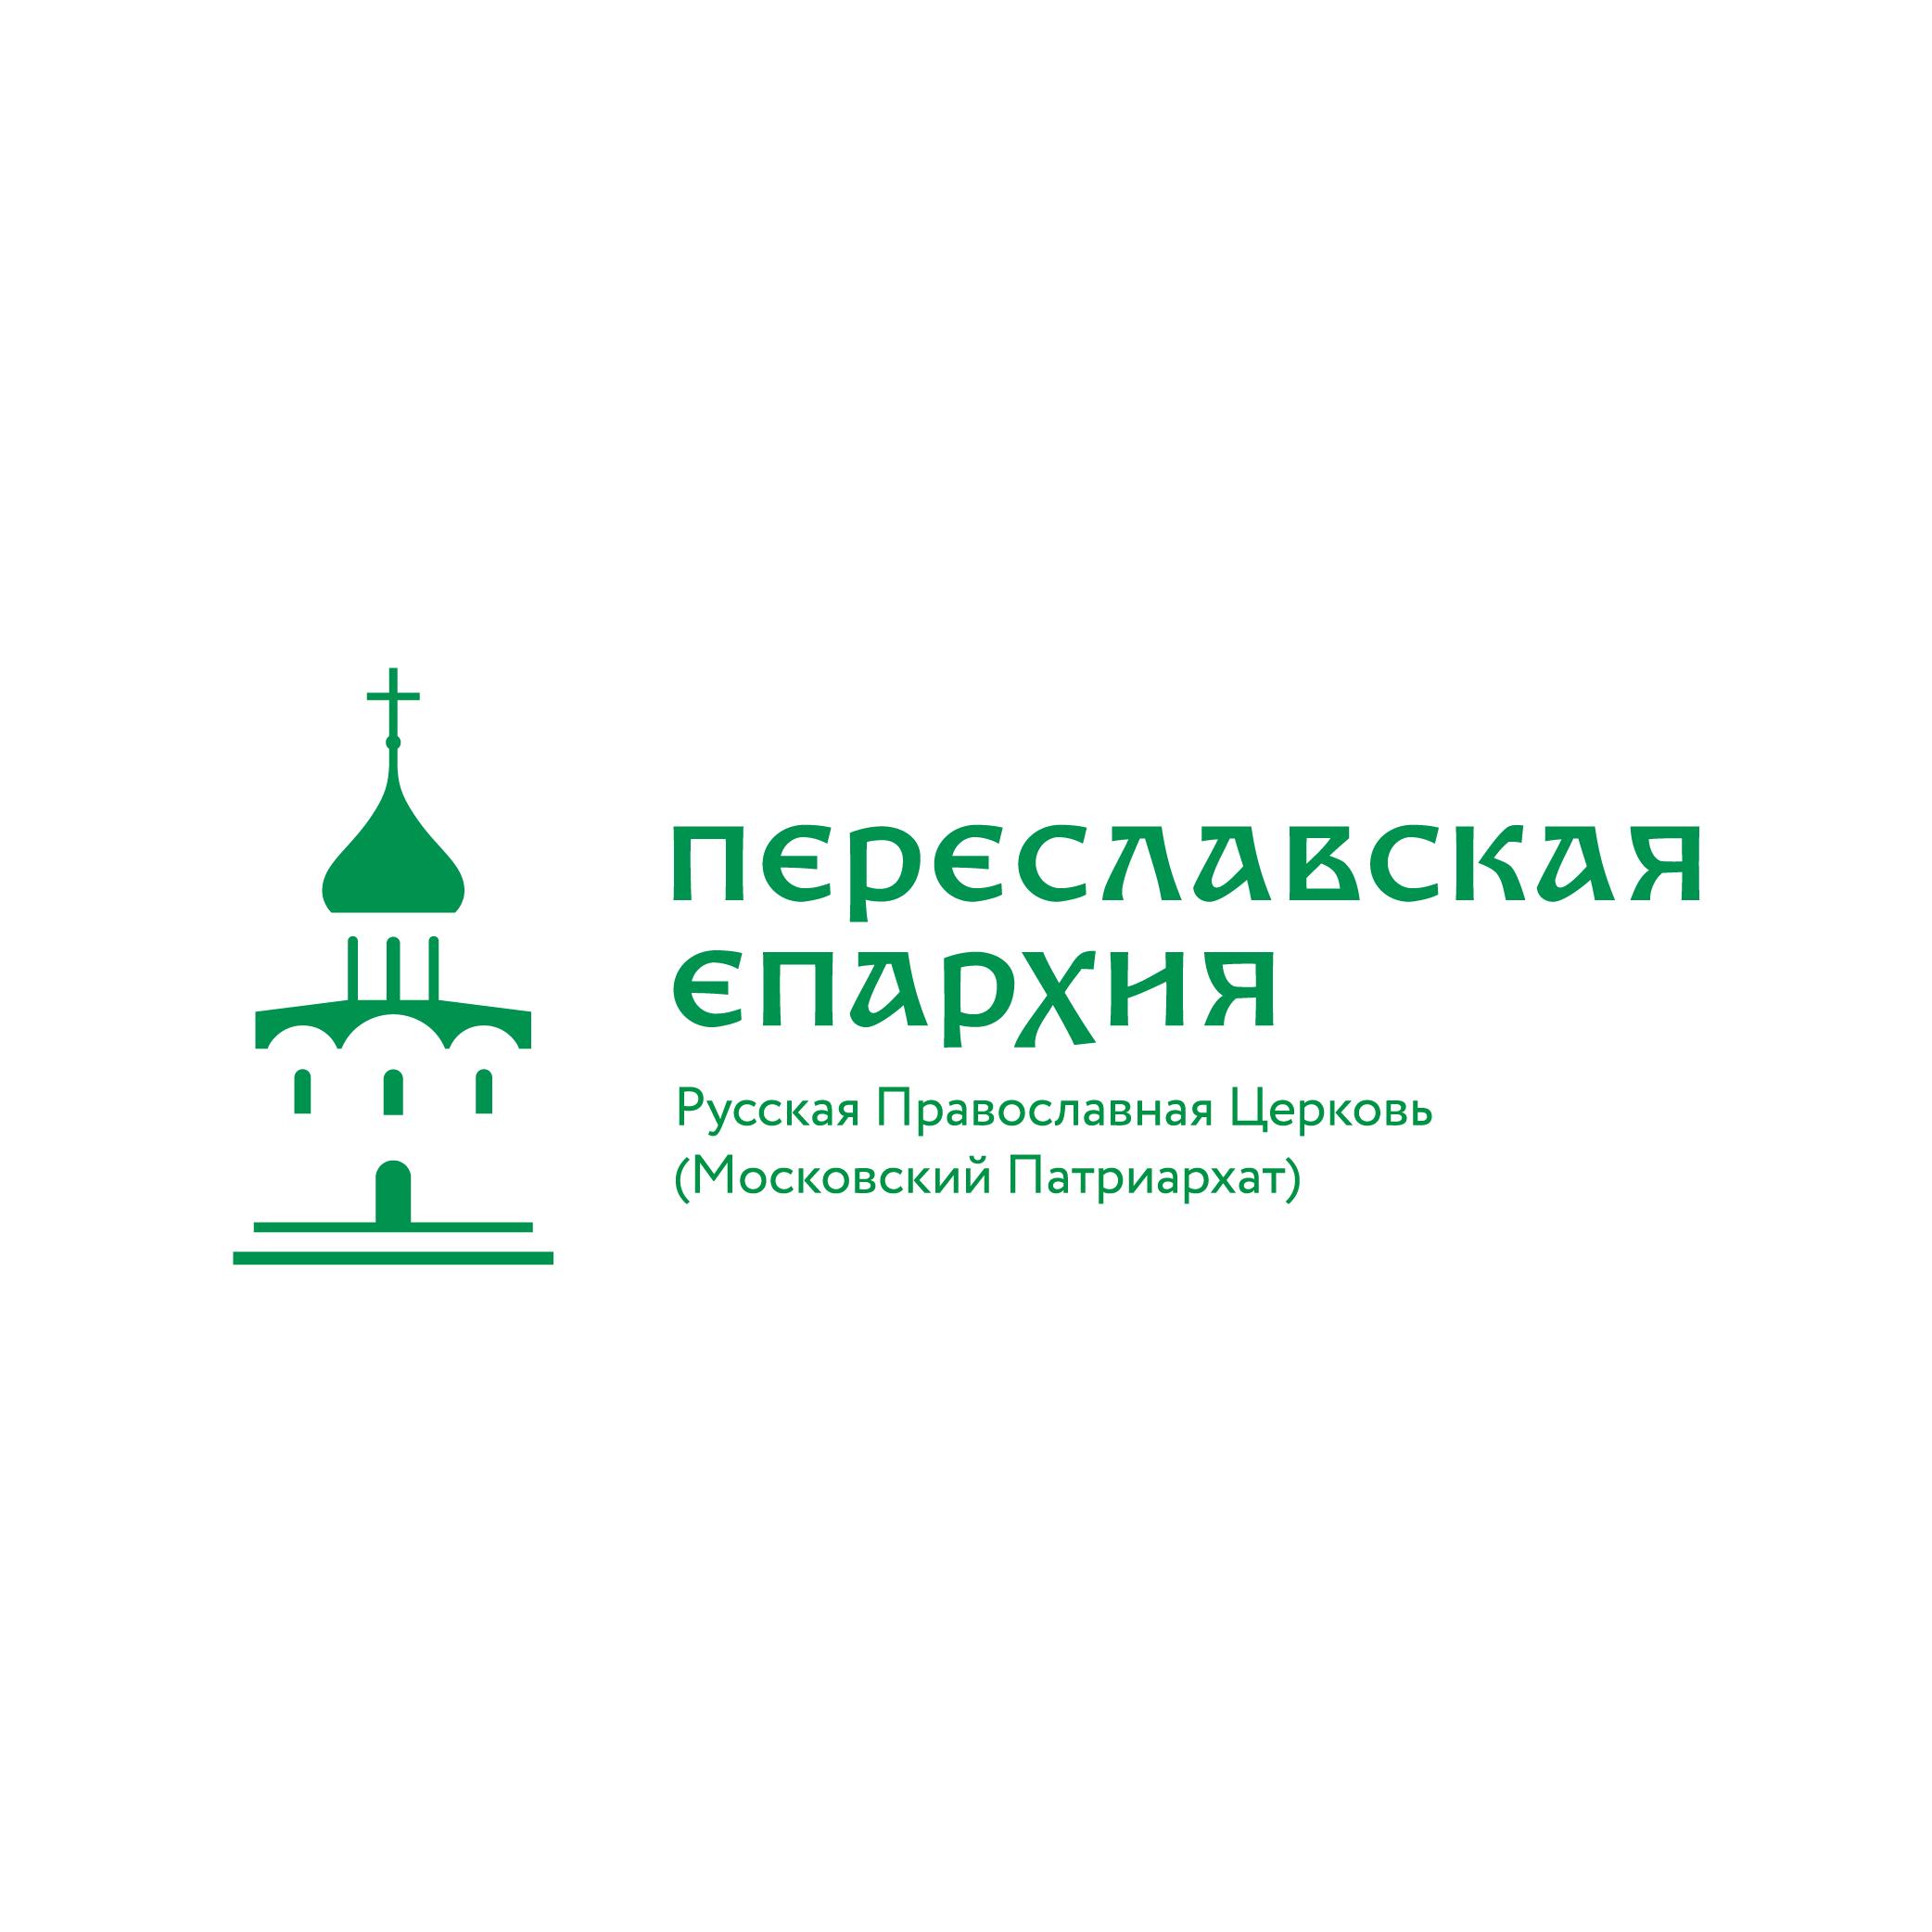 Переславская епархия